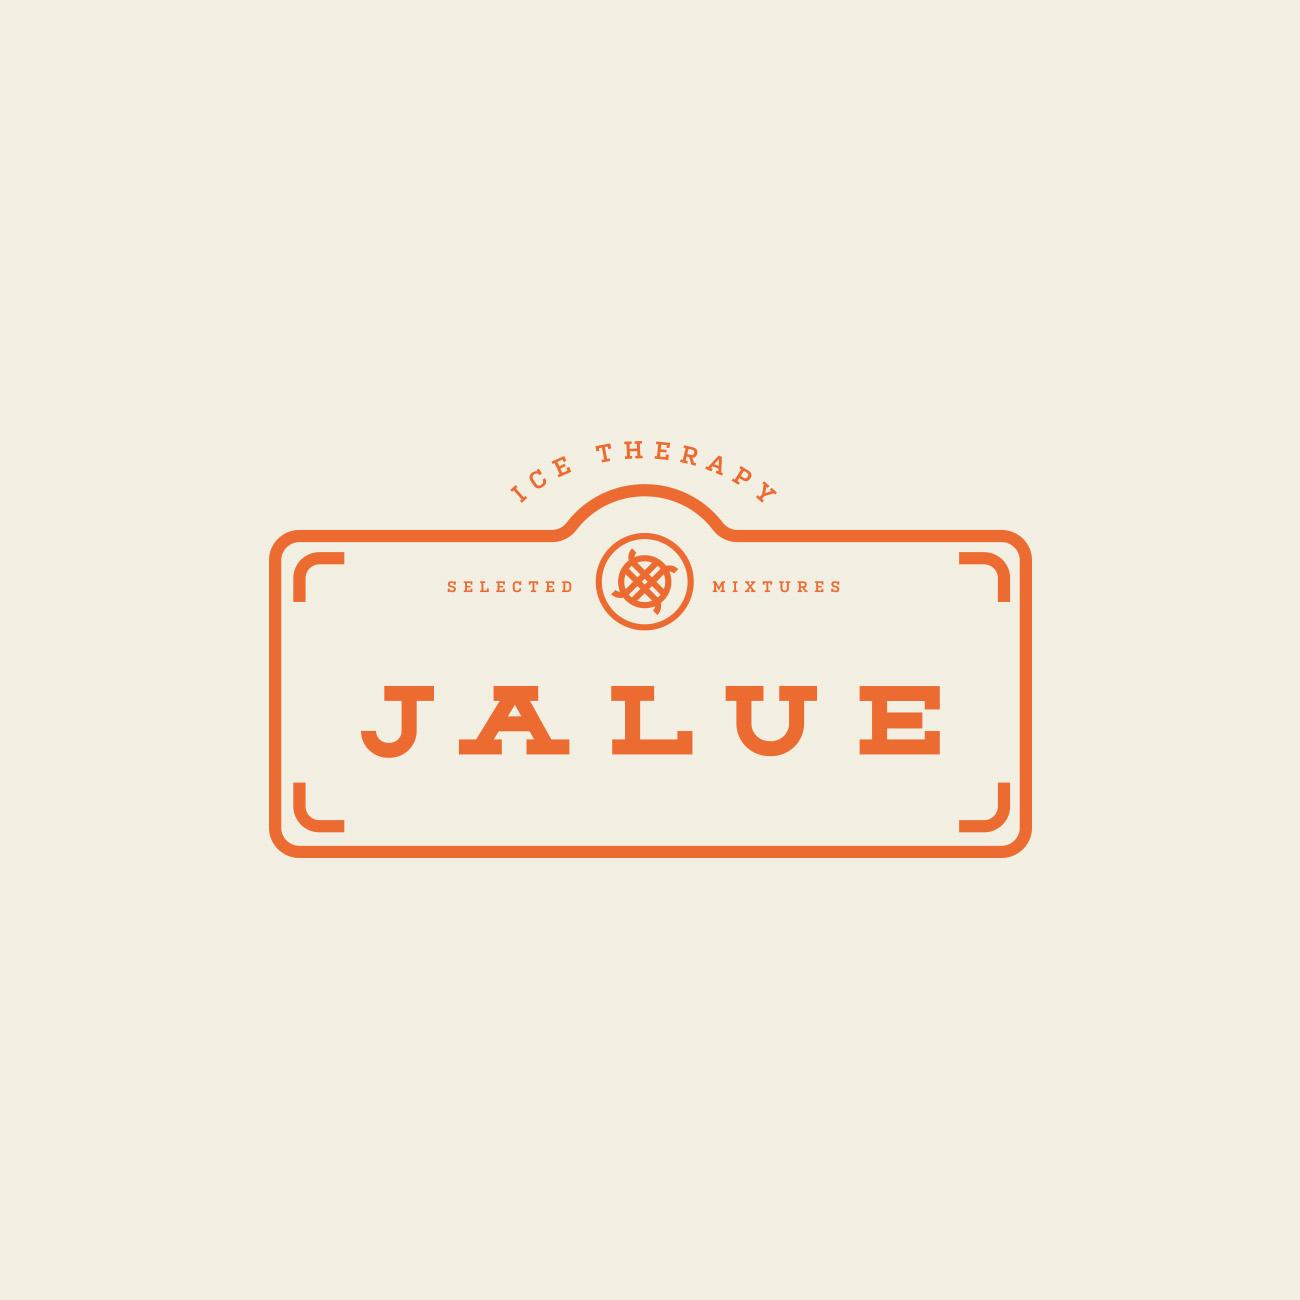 v2_jalue1300_small_1_2